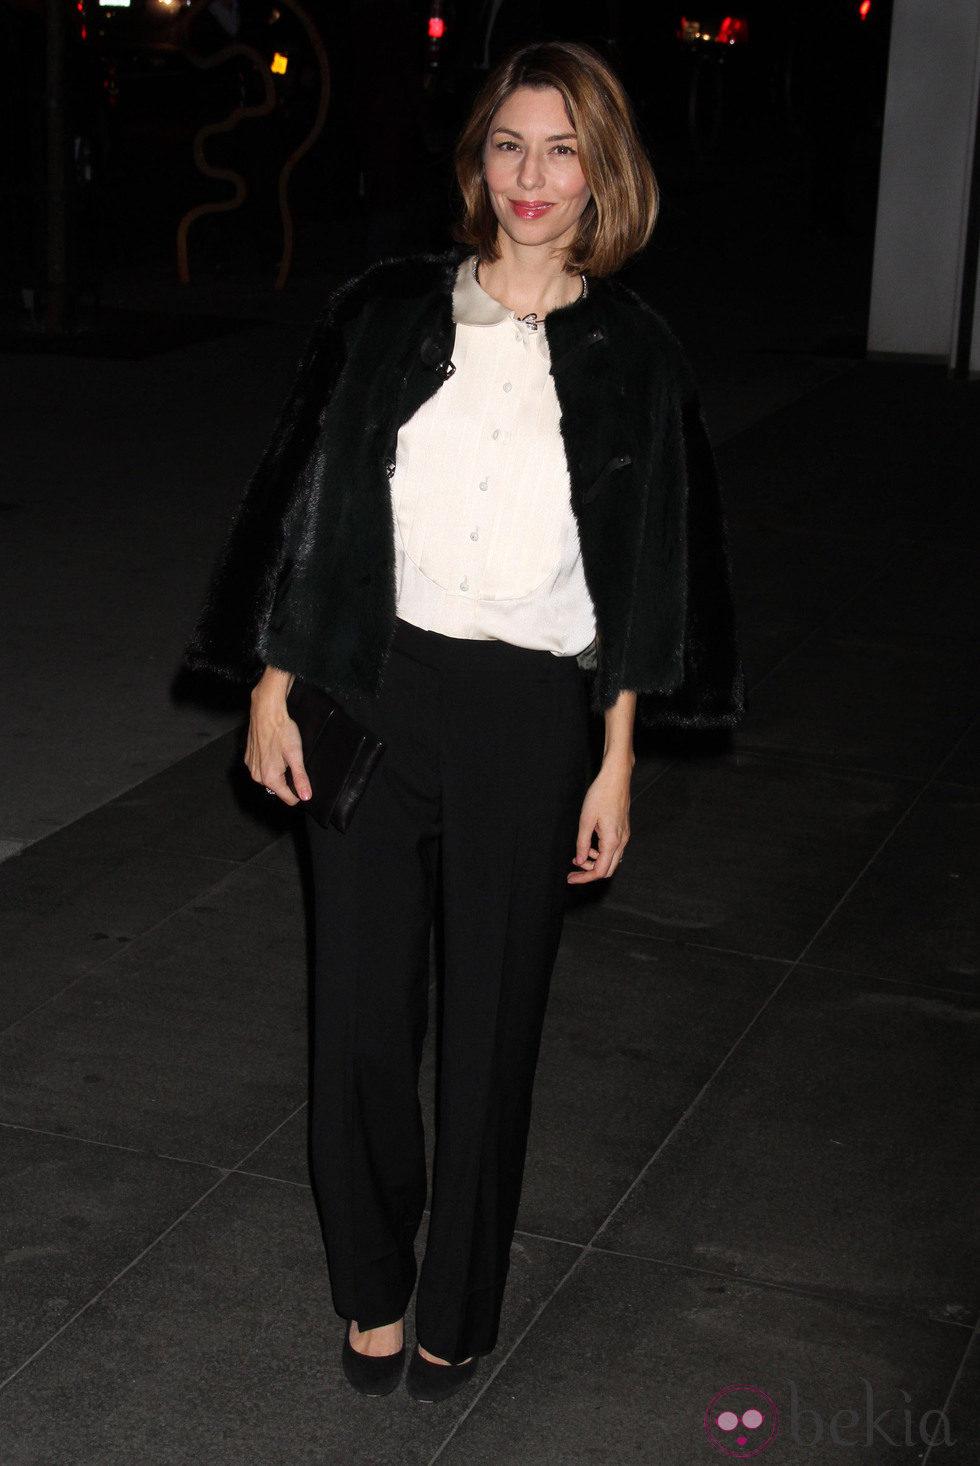 Sofia Coppola en una fiesta homenaje a Tilda Swinton en el MoMA